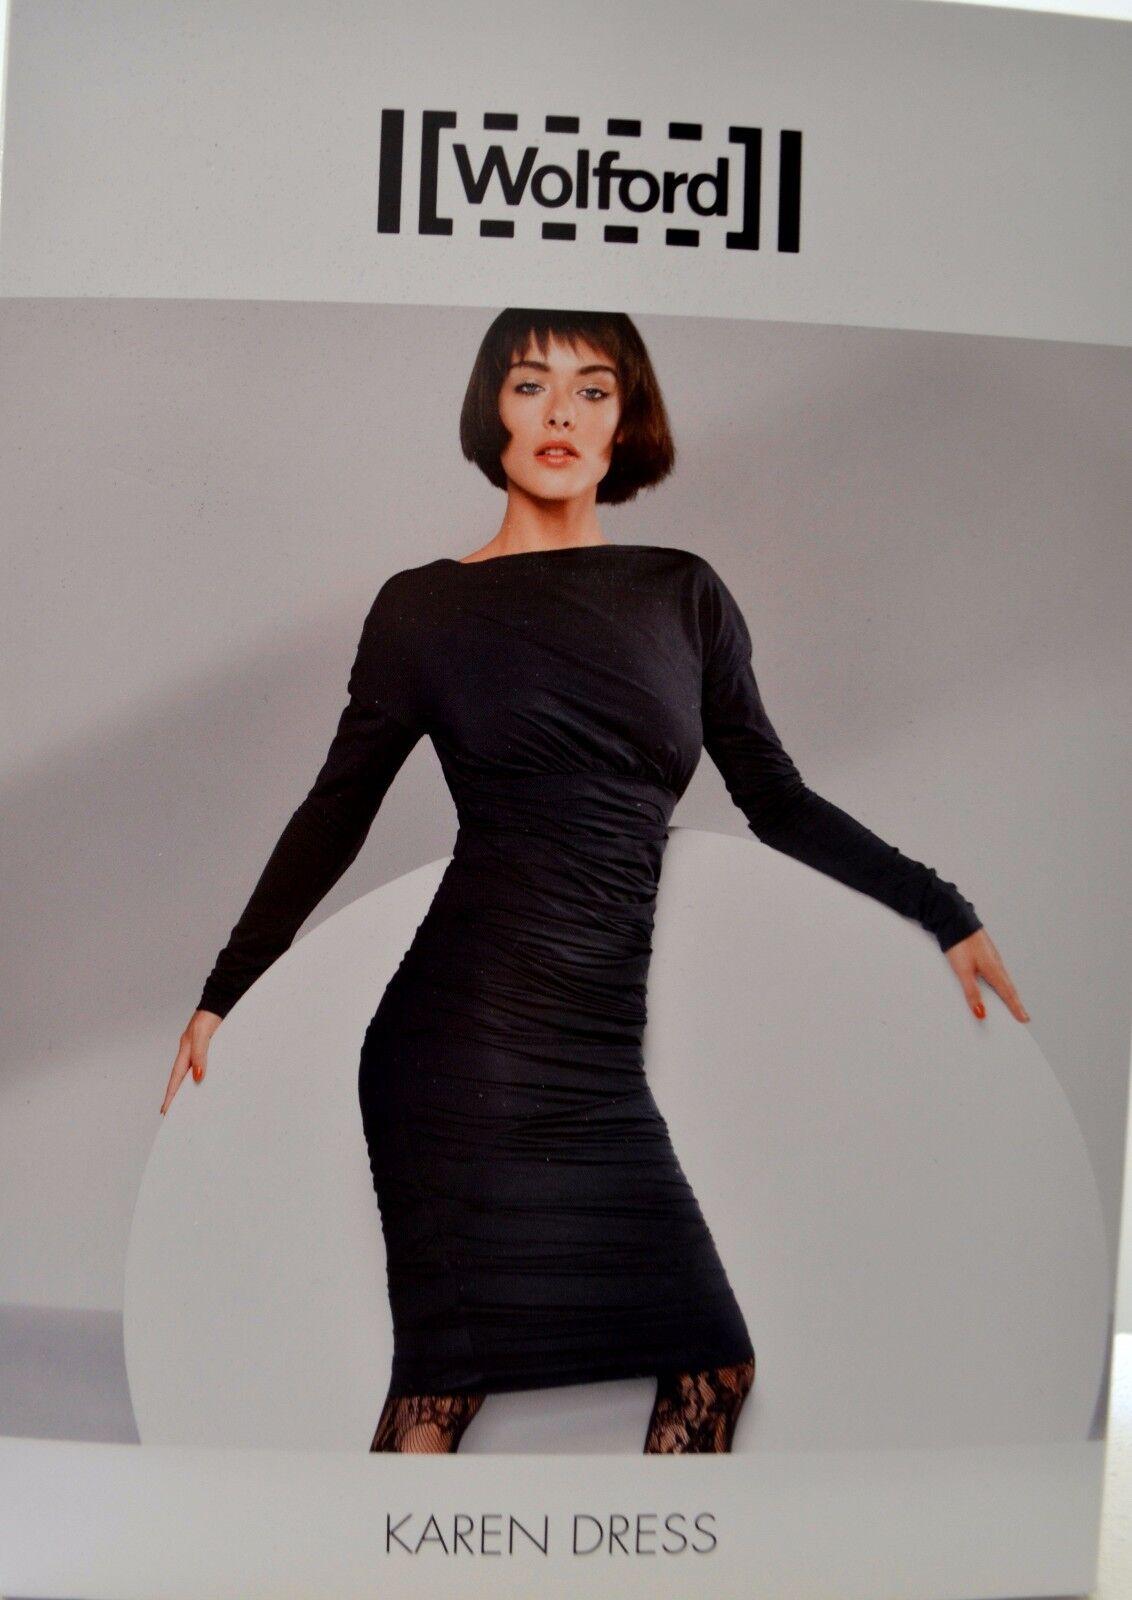 Wolford Karen Dress Kleid schwarz schwarz M Medium Empire-Stil